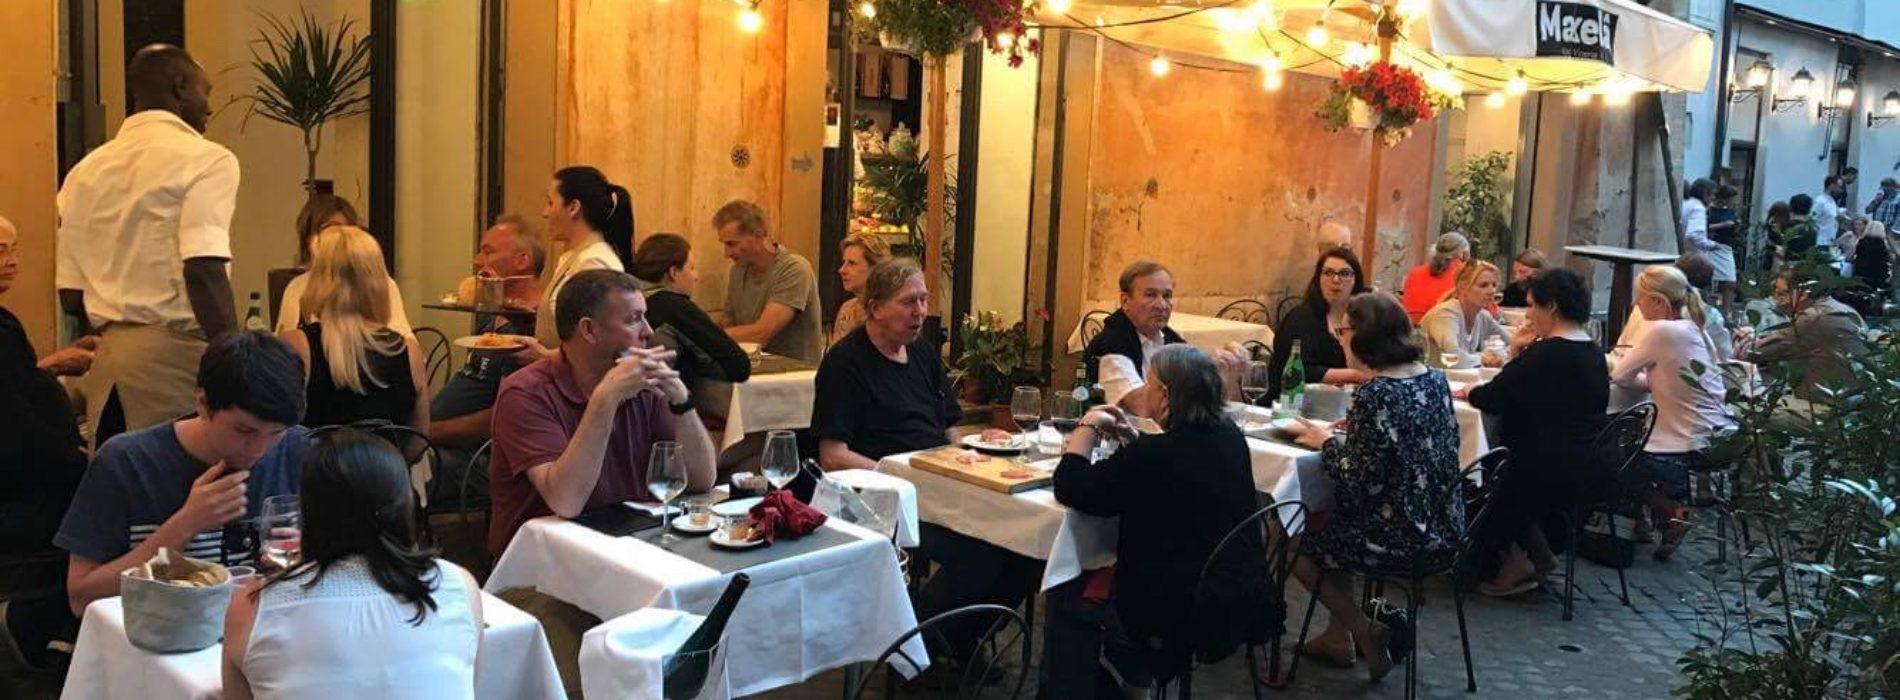 Mangiare all\'aperto a Roma in centro, i migliori ristoranti con ...